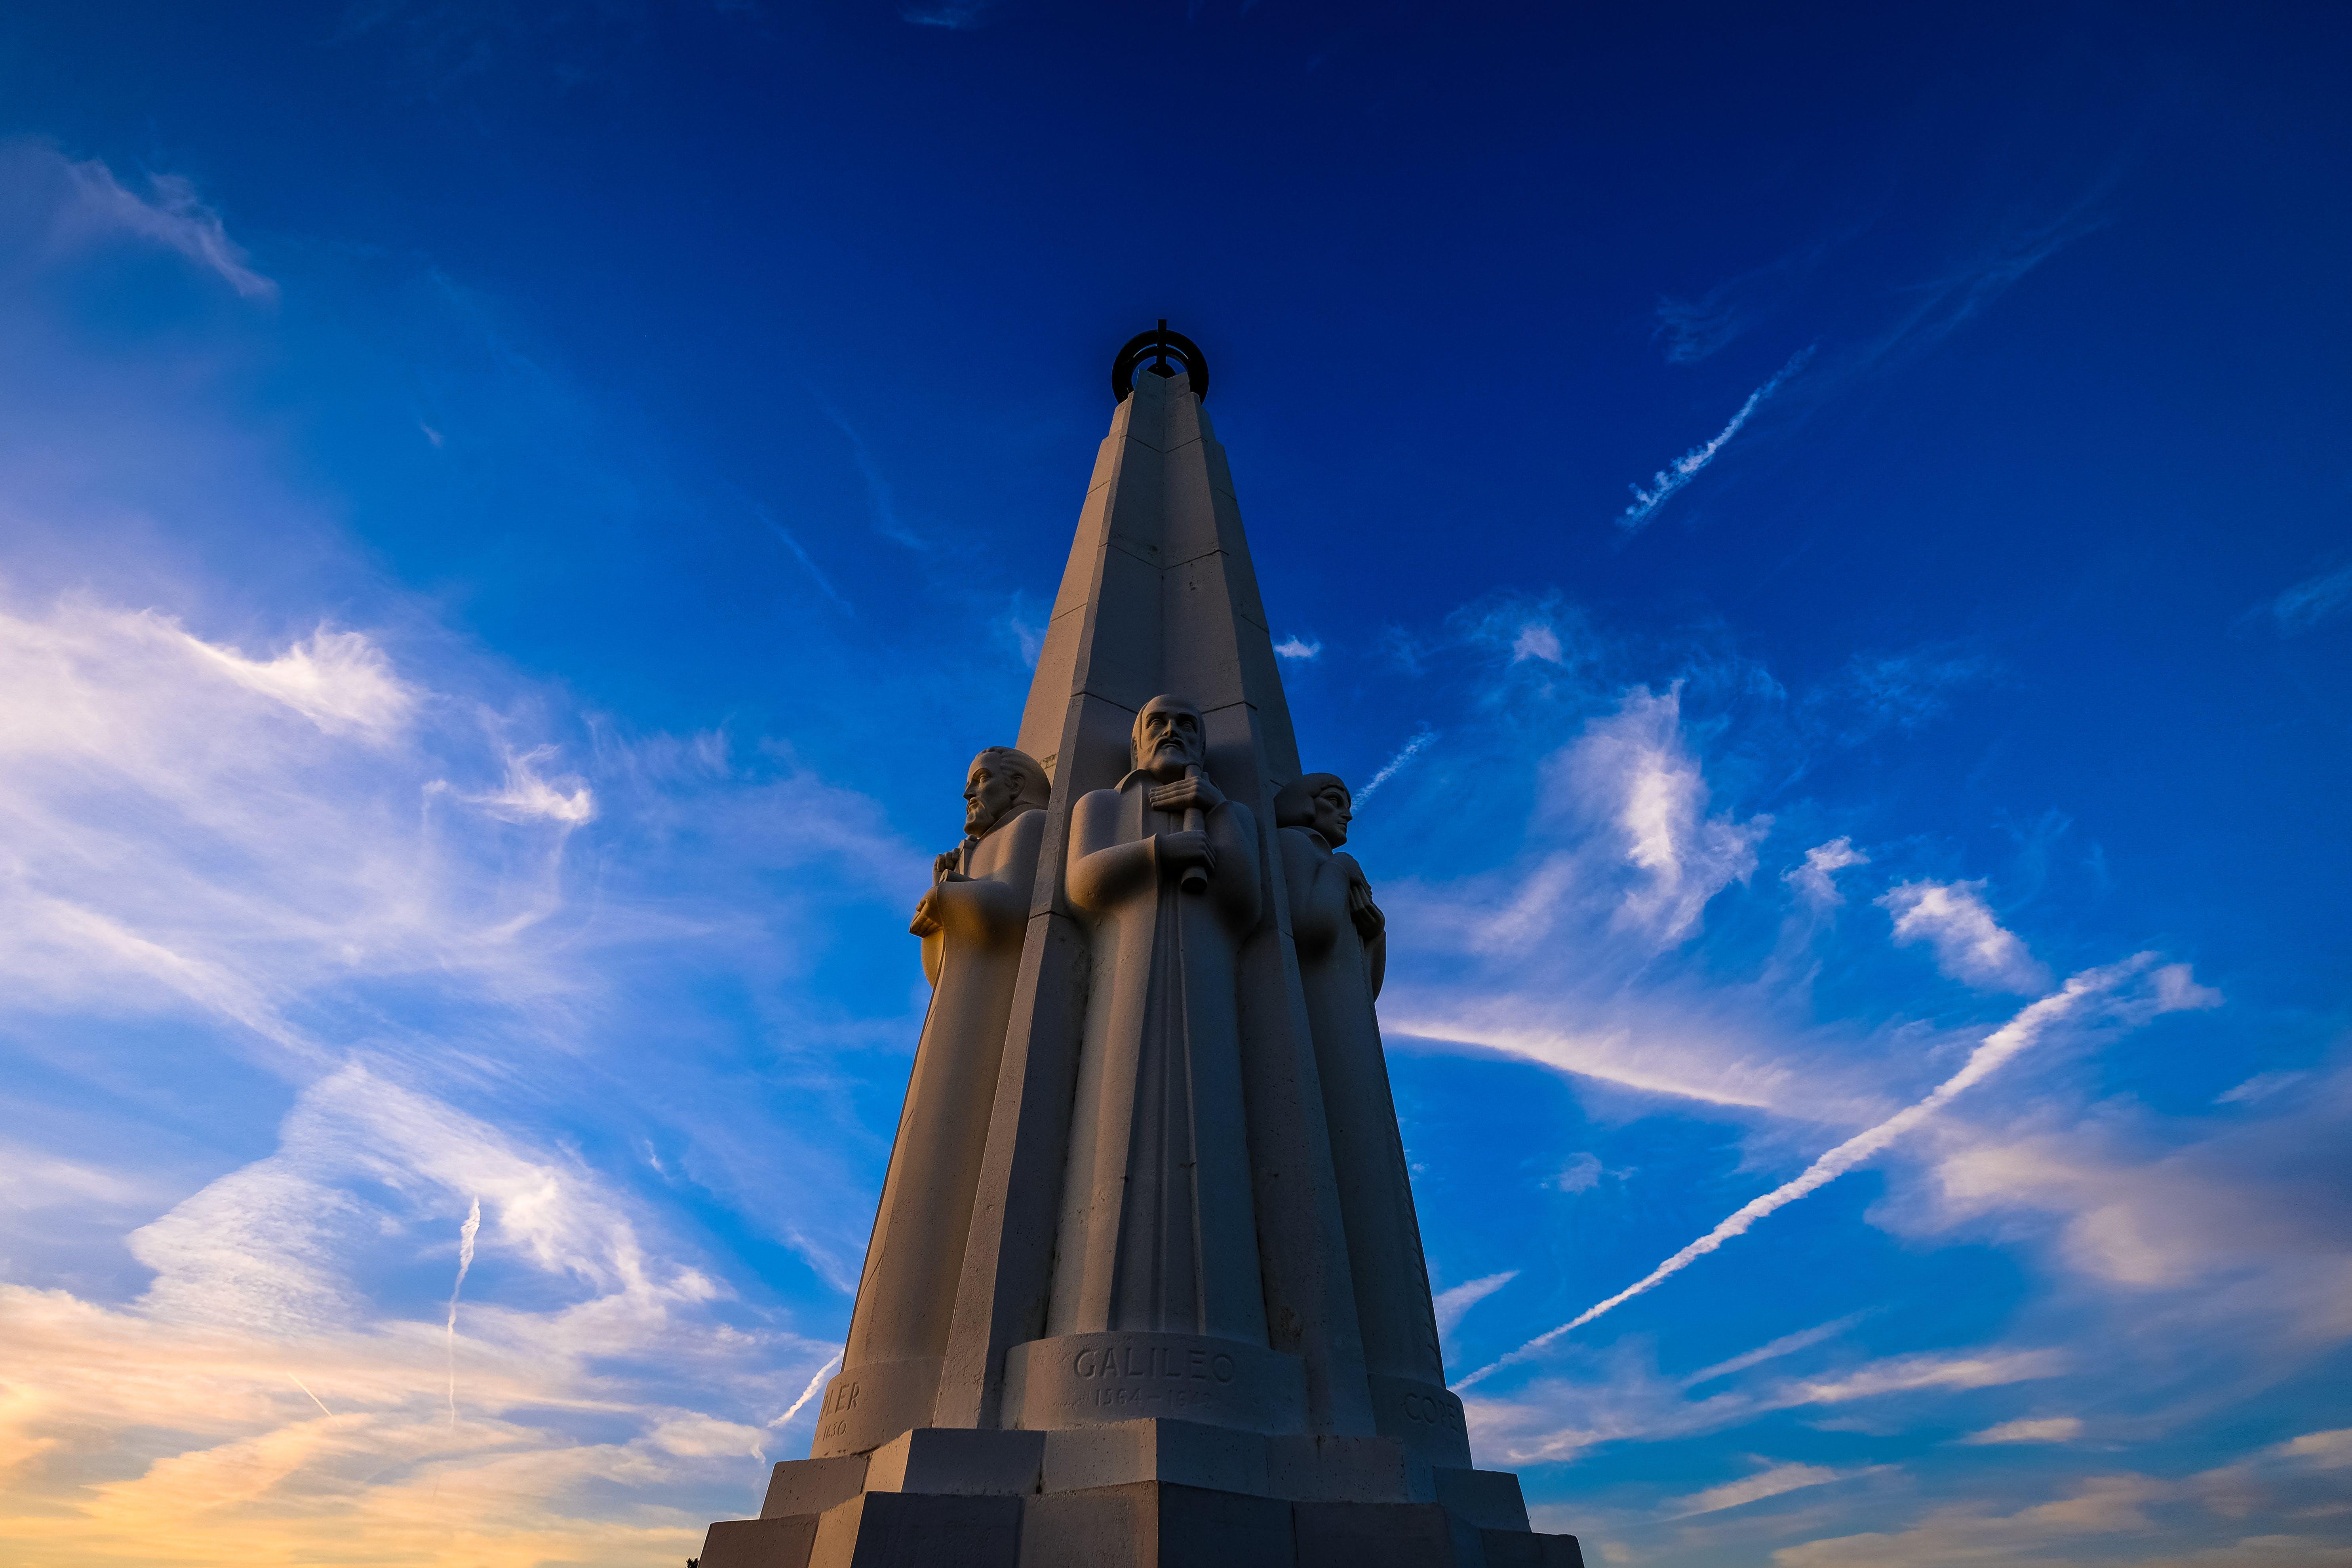 Kostenloses Stock Foto zu architektur, aufnahme von unten, blau, blauer himmel